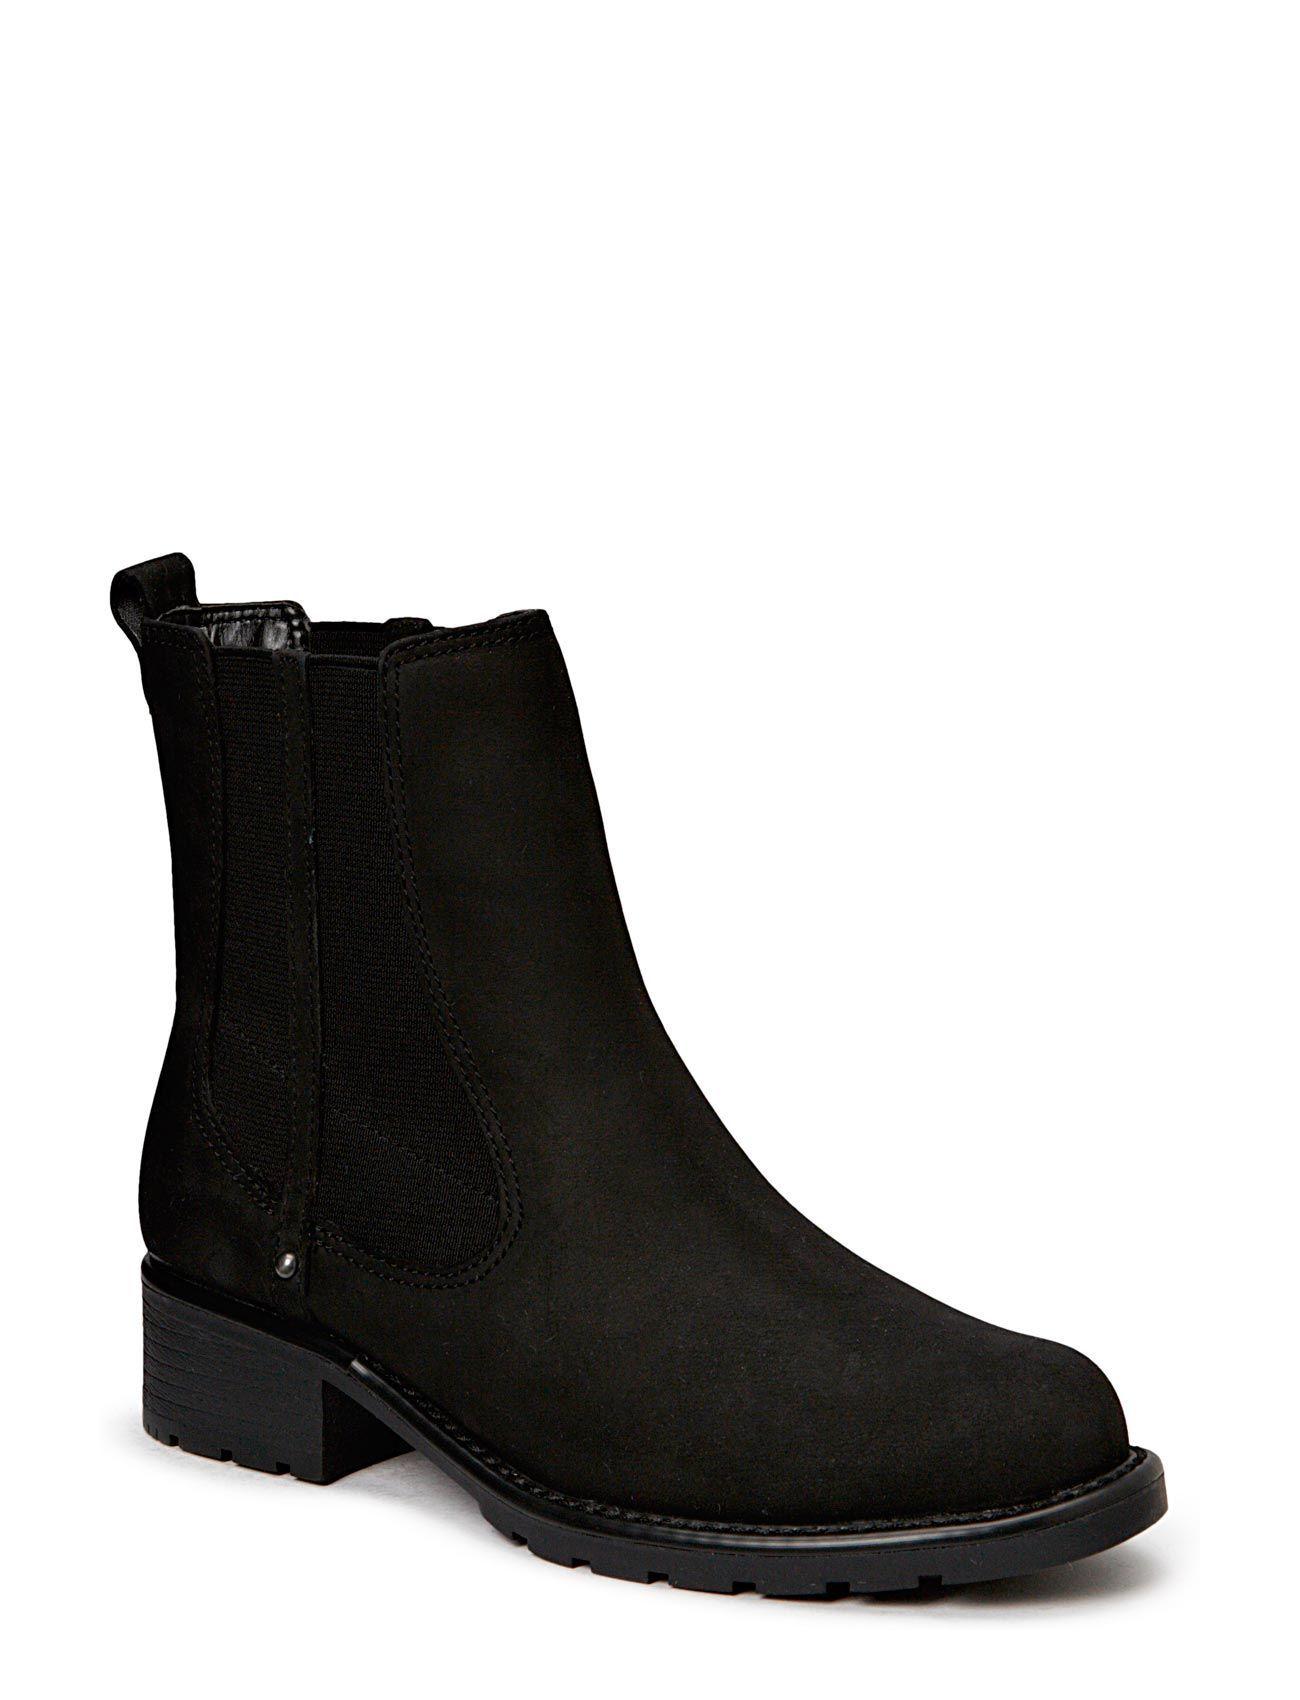 Orinoco Club Clarks Støvler til Damer i Sort læder